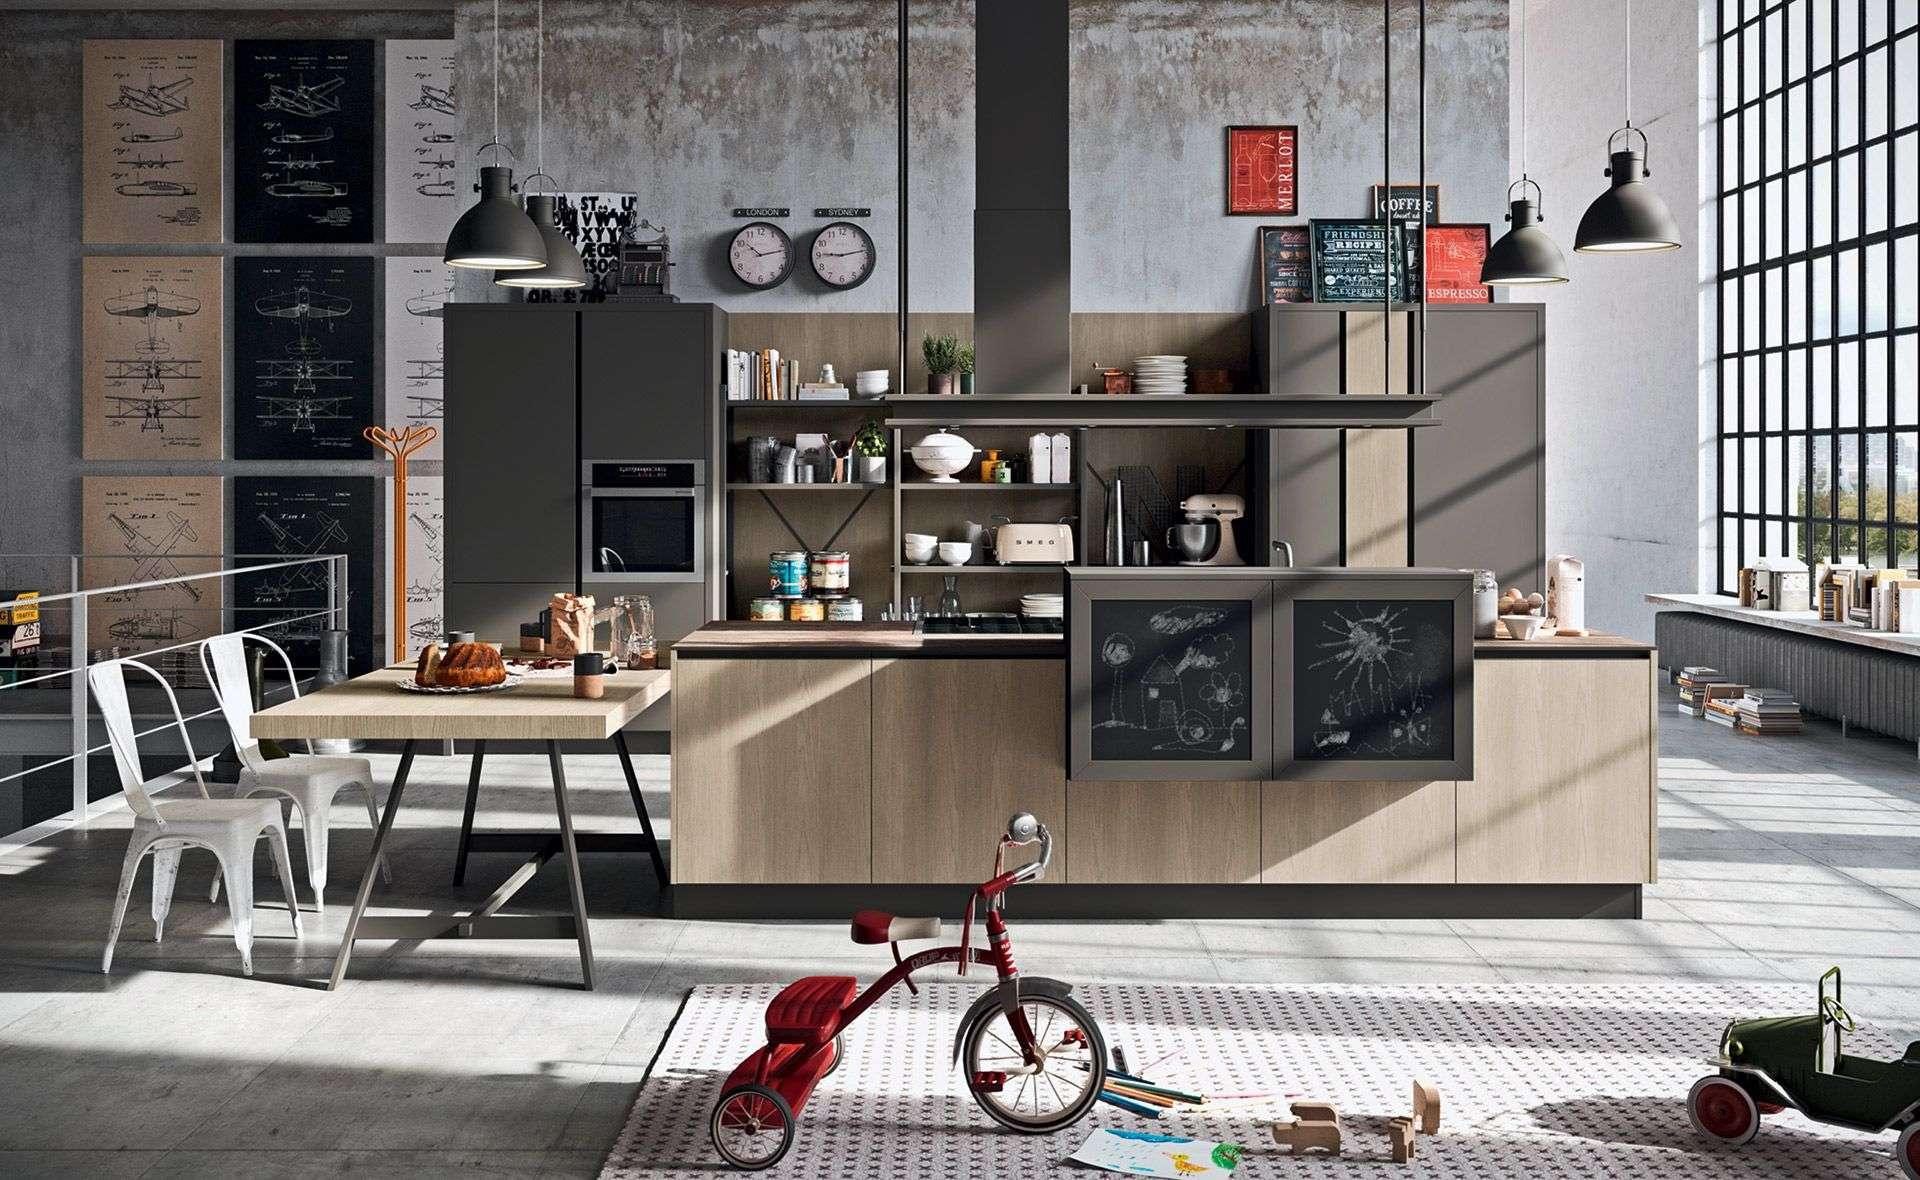 L 39 industrial chic astra cucine arredamenti ascani - Cucine industrial chic ...